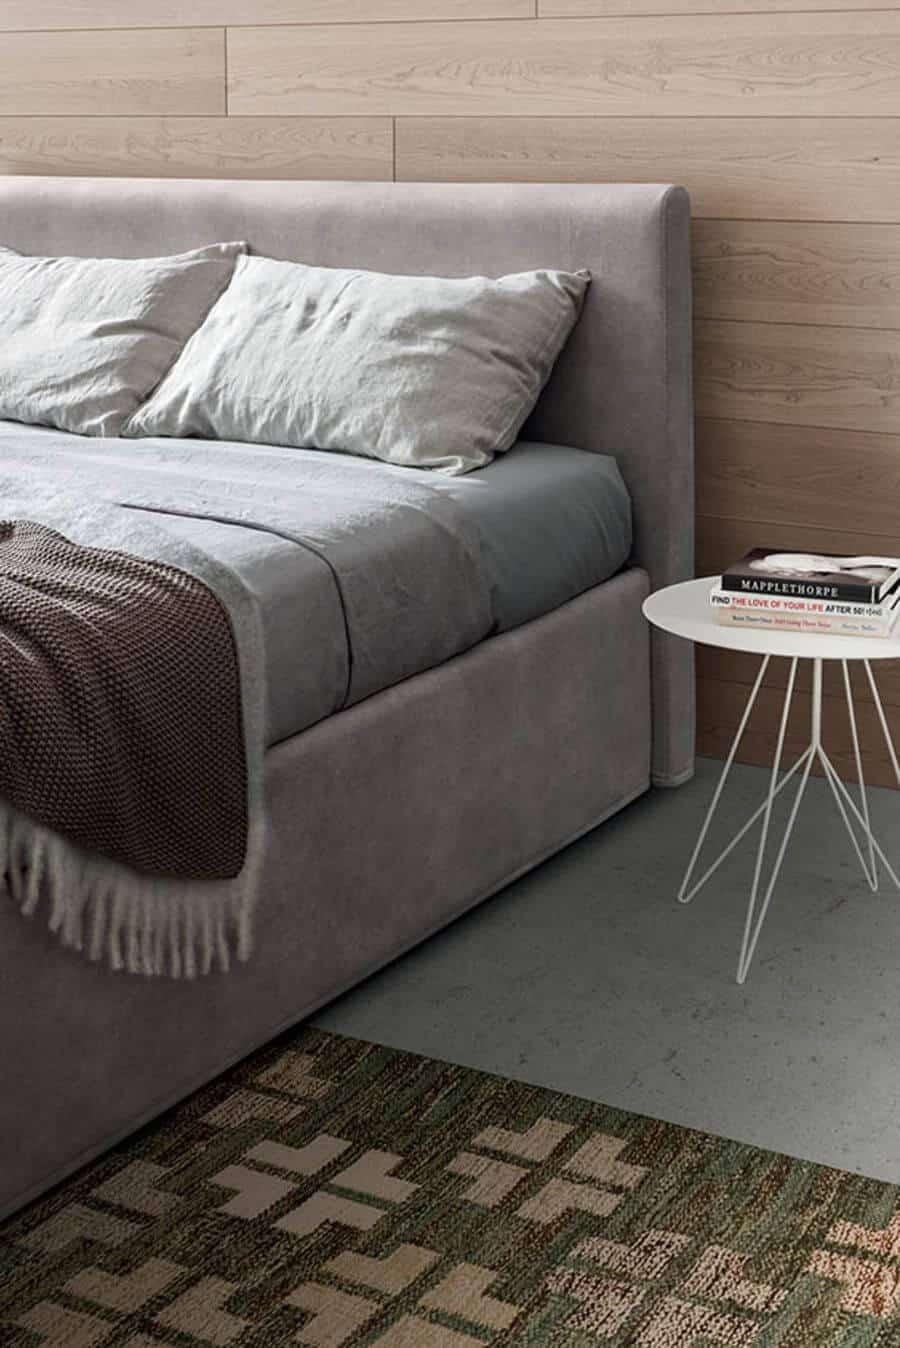 zona-notte-letto-collezione-perla-il-mobile (1)